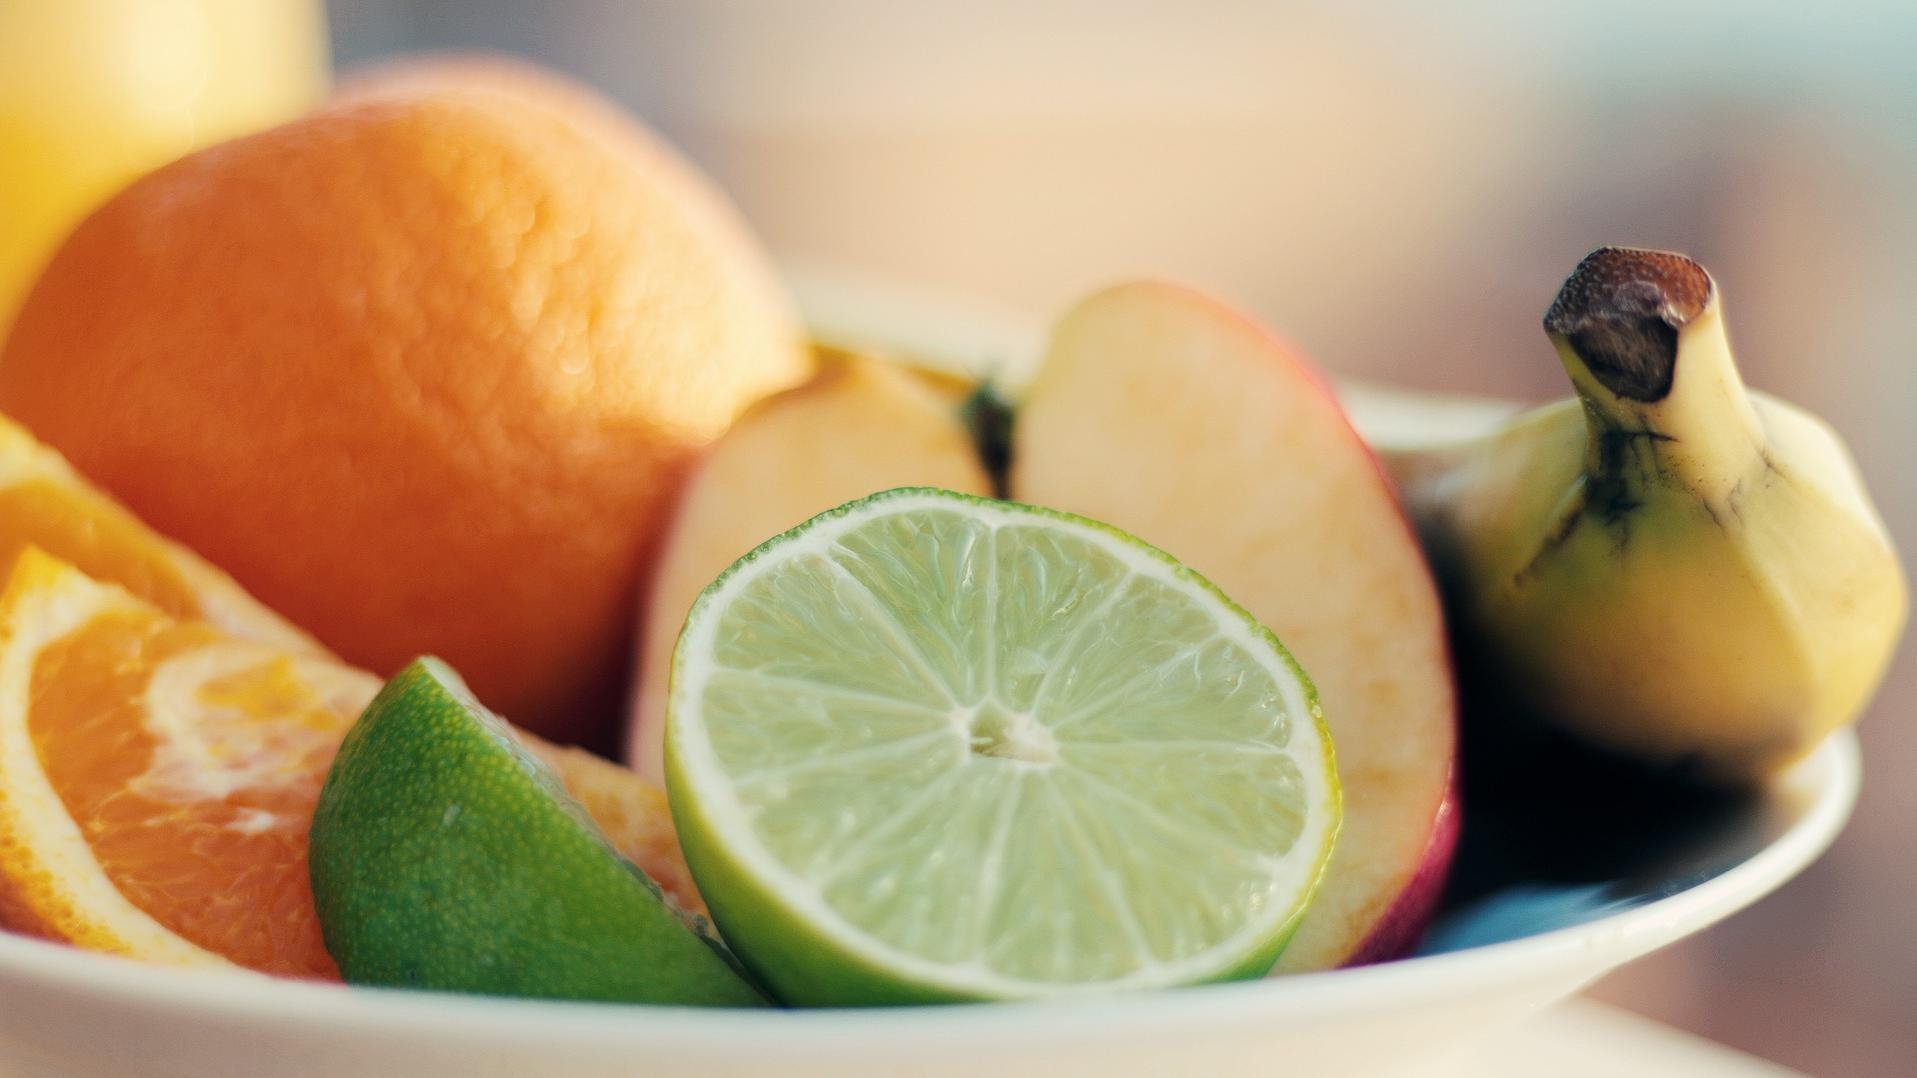 Limetten sollten Sie nicht neben nachreifenden Obstsorten wie Bananen lagern.